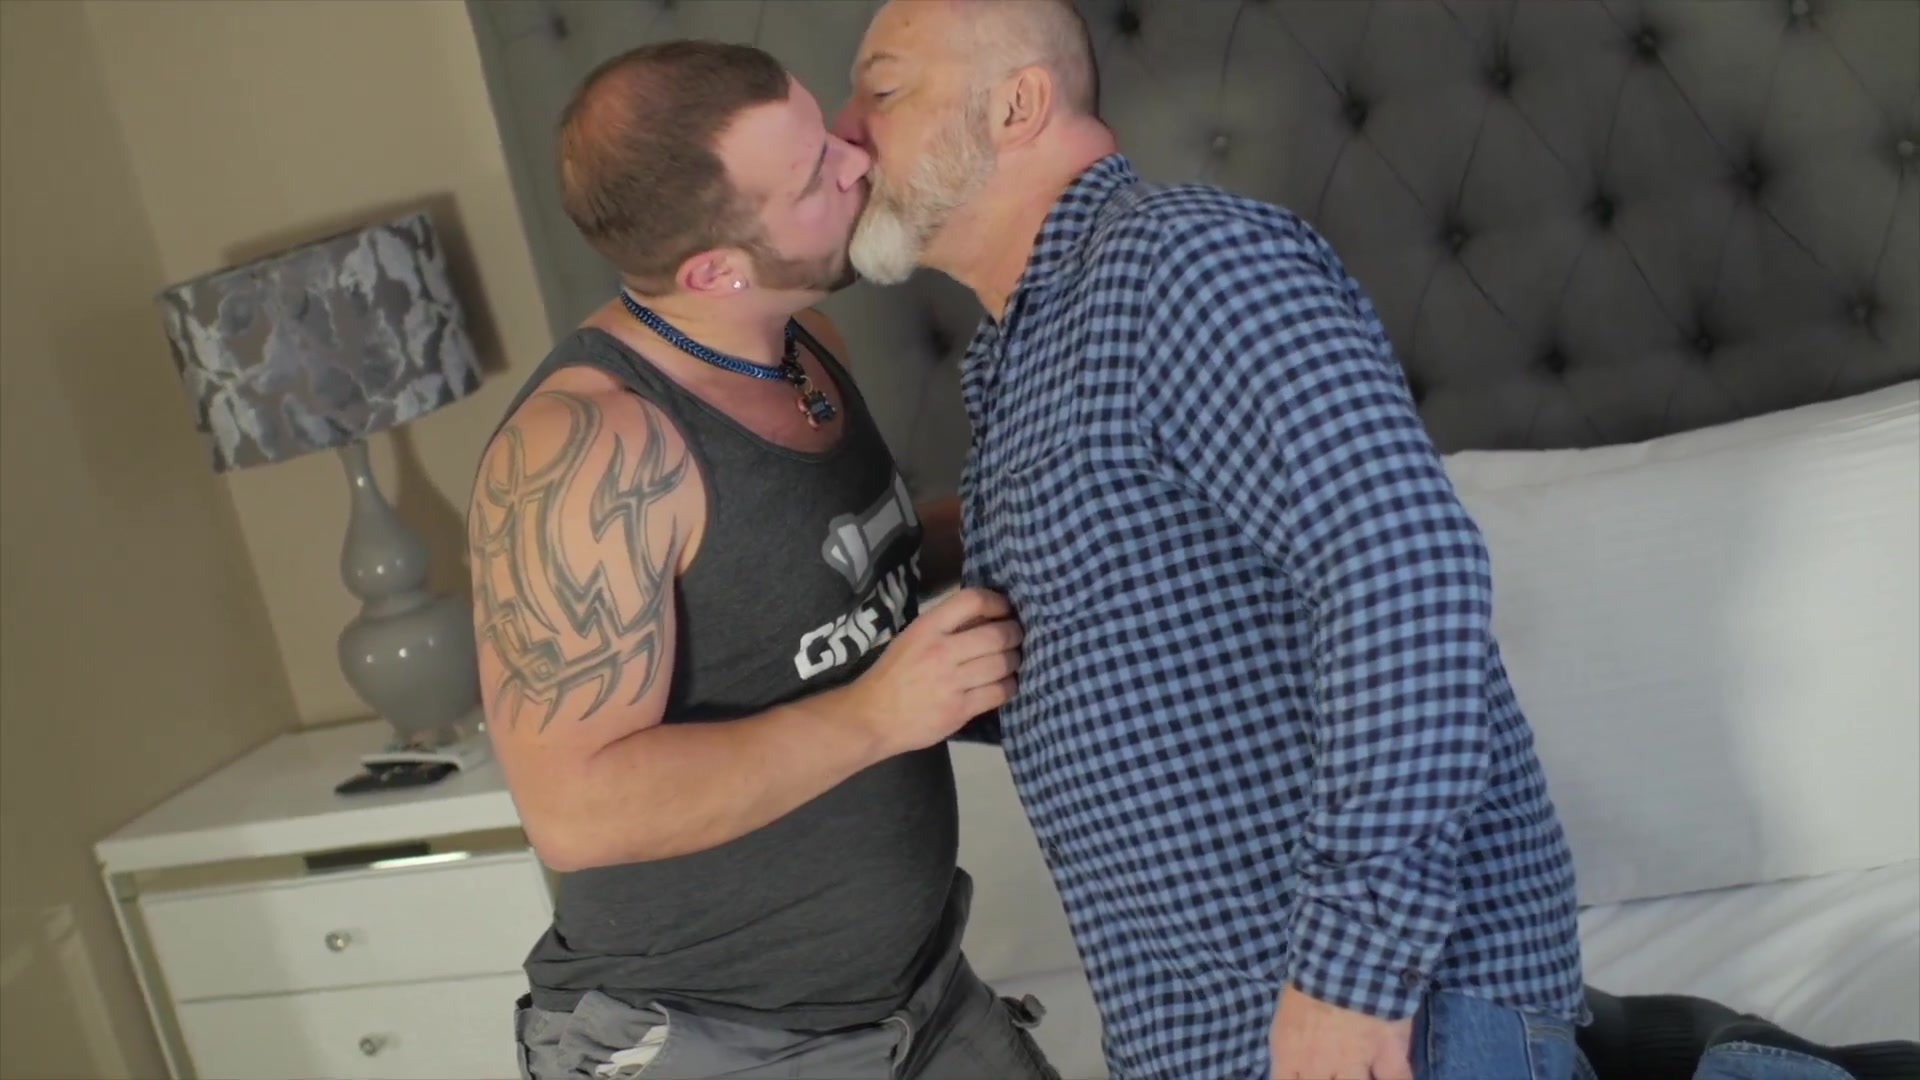 videos porno gay ricky s